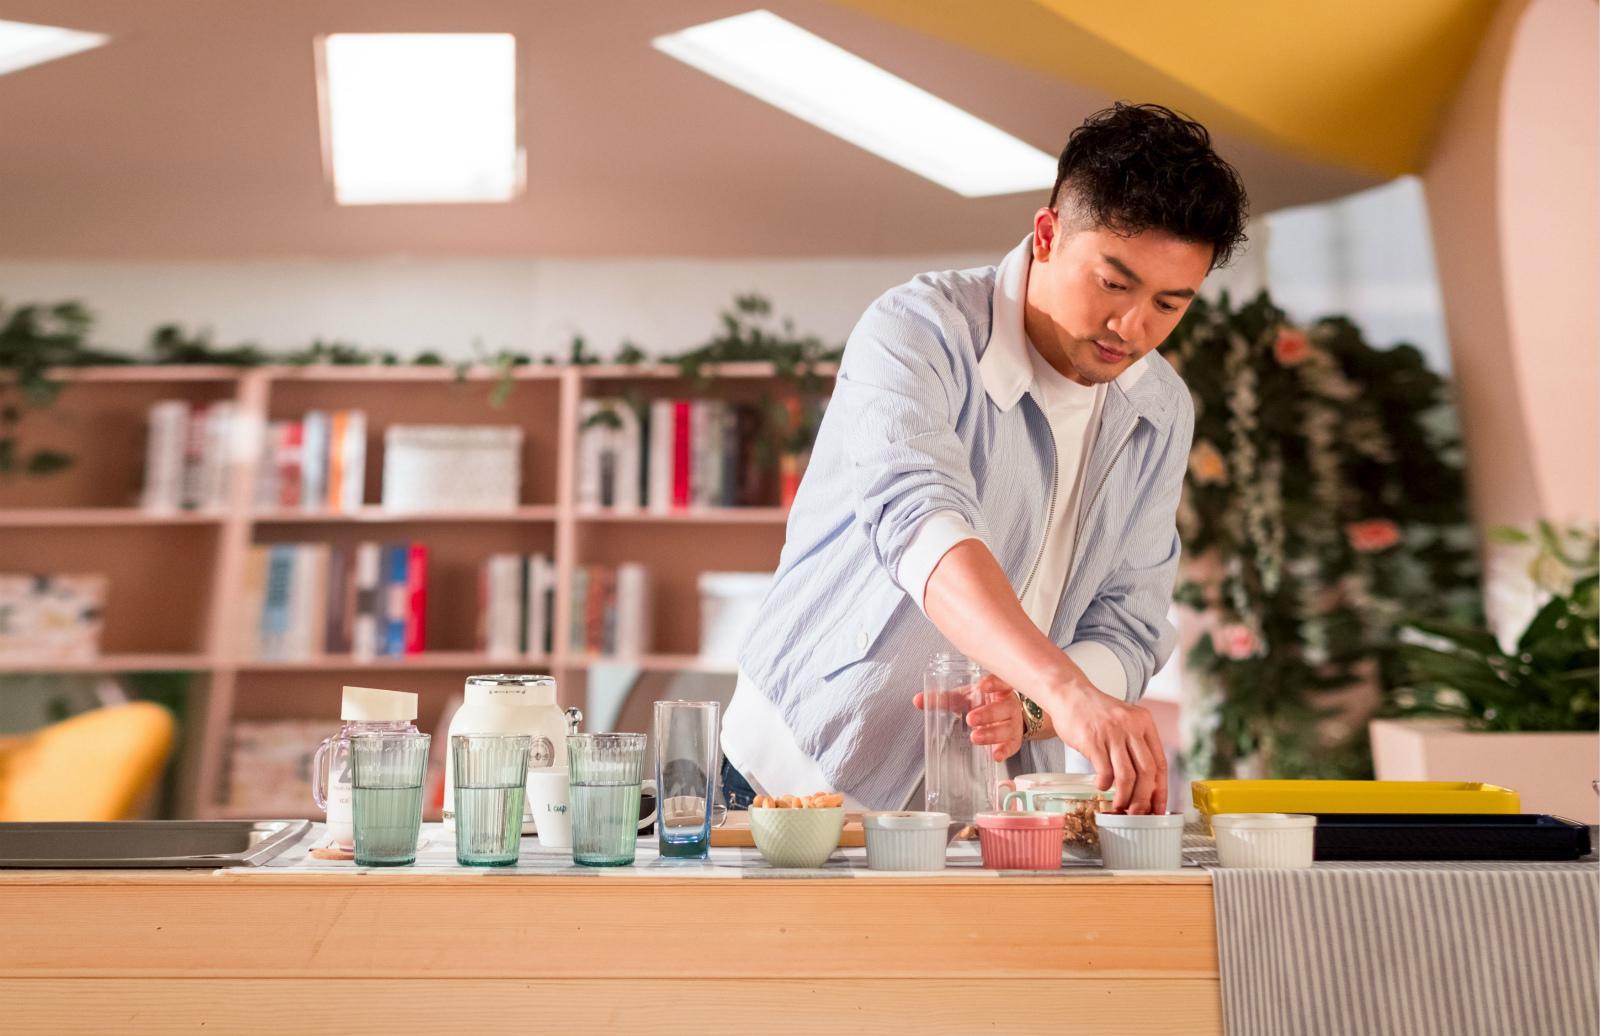 苏有朋加盟《中餐厅》第二季 化身儒雅绅士秀厨艺